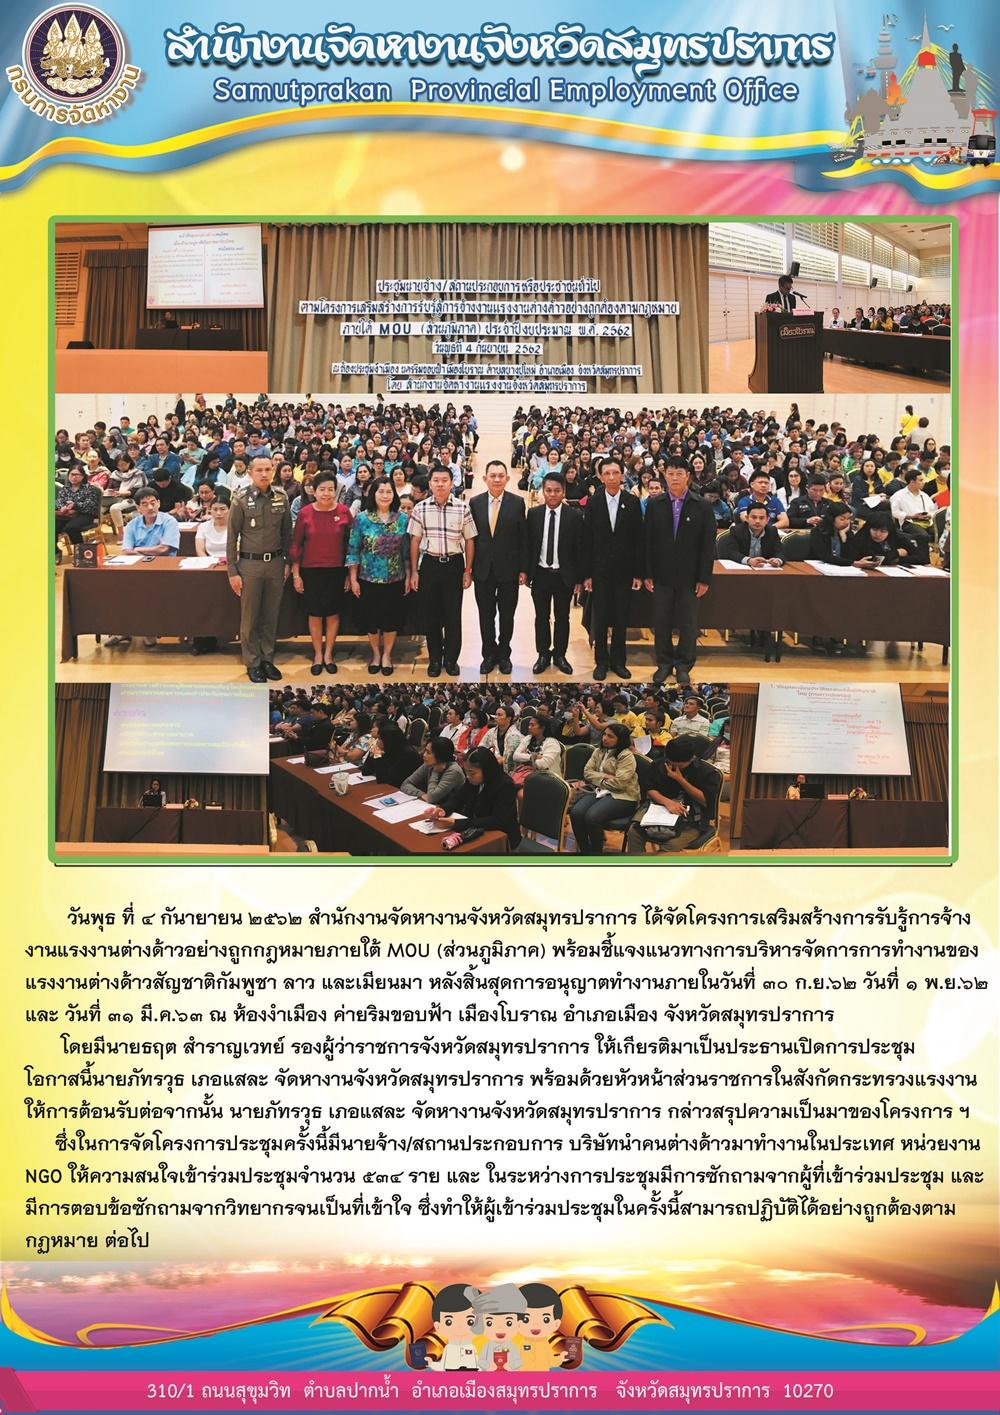 โครงการเสริมสร้างการรับรู้สู่การจ้างงานแรงงานต่างด้าวอย่างถูกต้องตามกฎหมาย ภายใต้ MOU (ส่วนภูมิภาค) วันพุธที่ 4 กันยายน 2562 ณ  ห้องประชุมงำเมือง ค่ายริมขอบฟ้า เมืองโบราณ ตำบลบางปูใหม่ อำเภอเมือง จังหวัดสมุทรปราการ